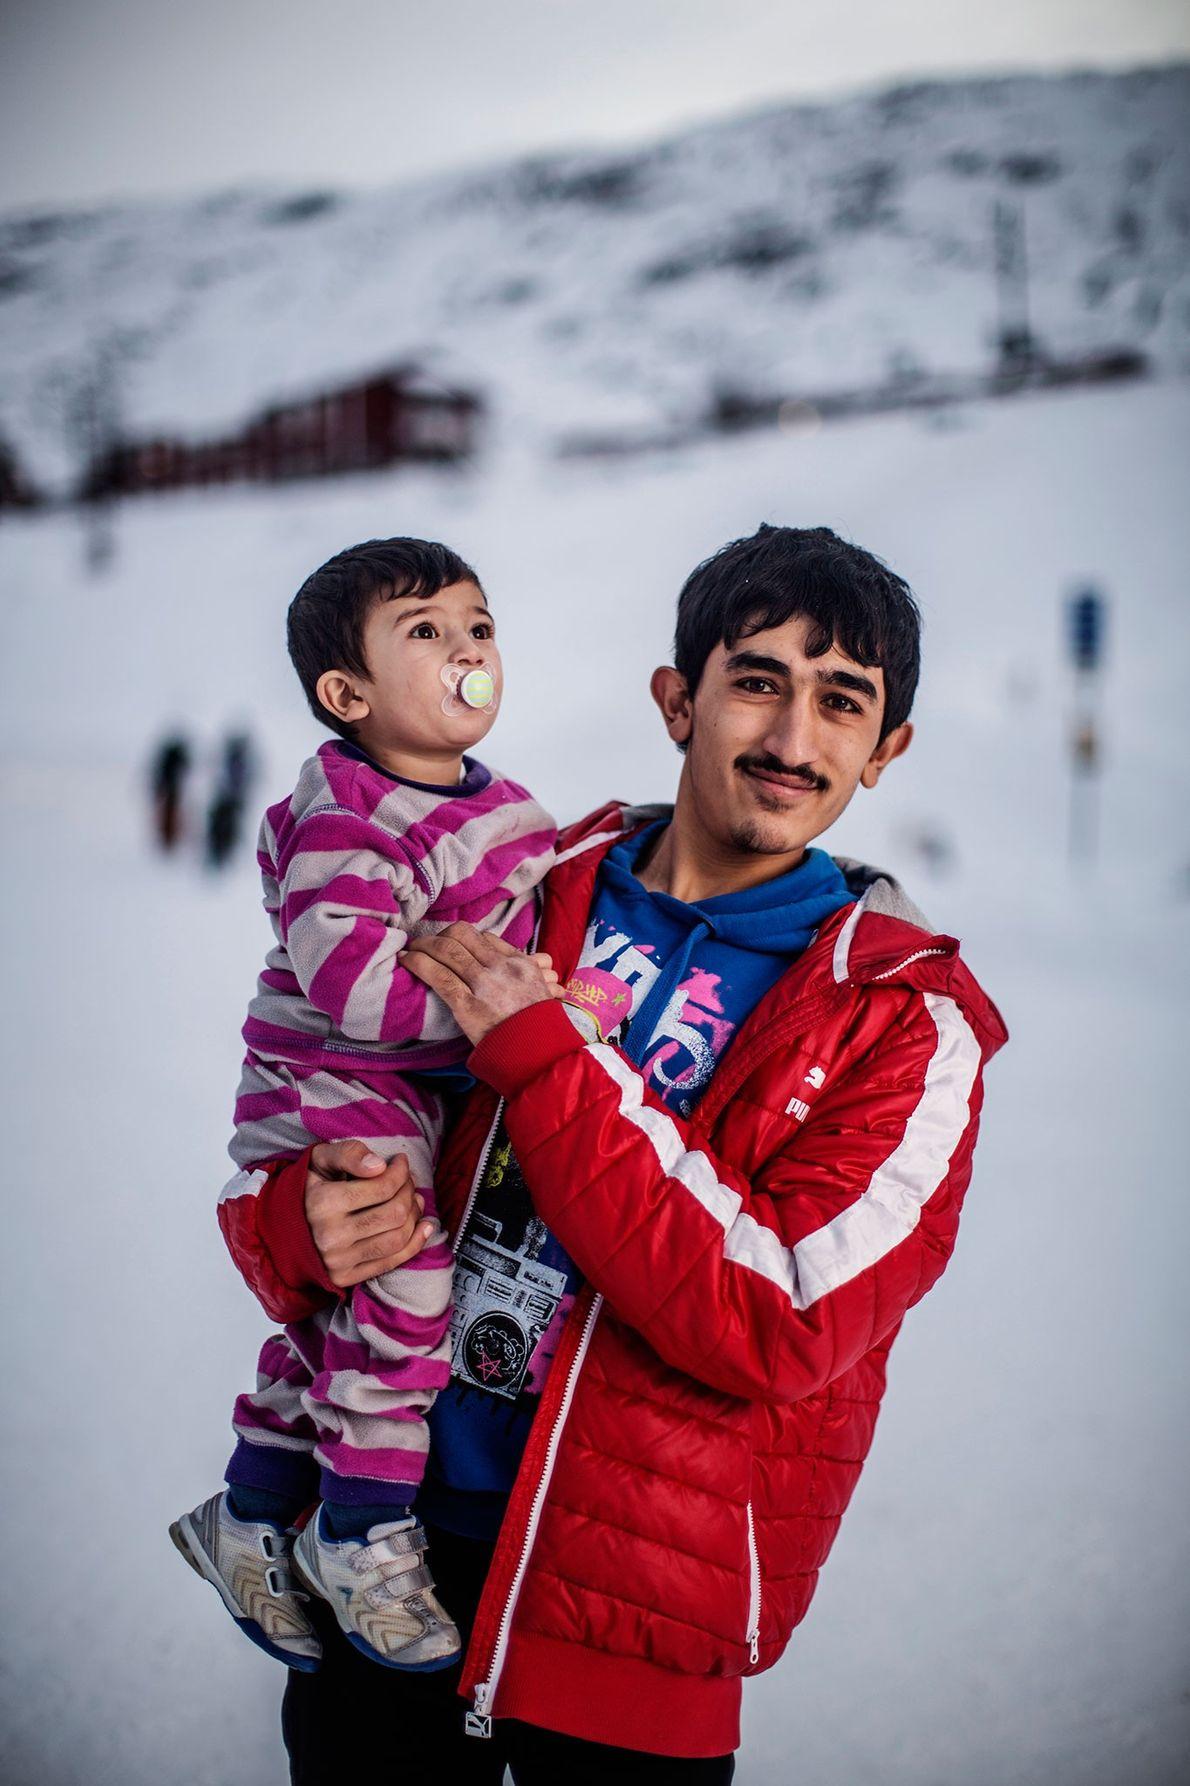 Fotografia de Mohammed Ashamed